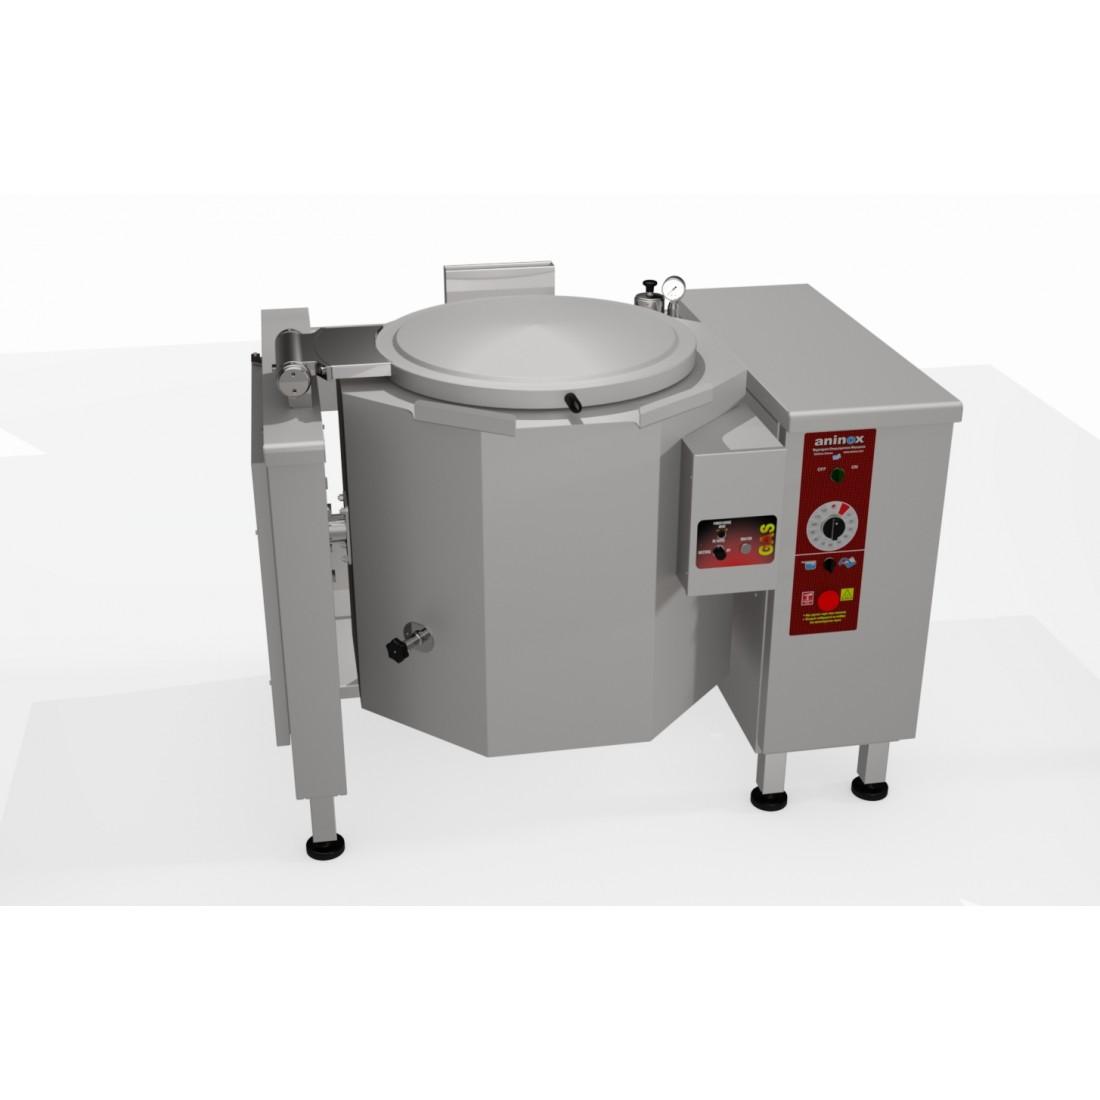 AUTOTILTING GAS BOILING PANS